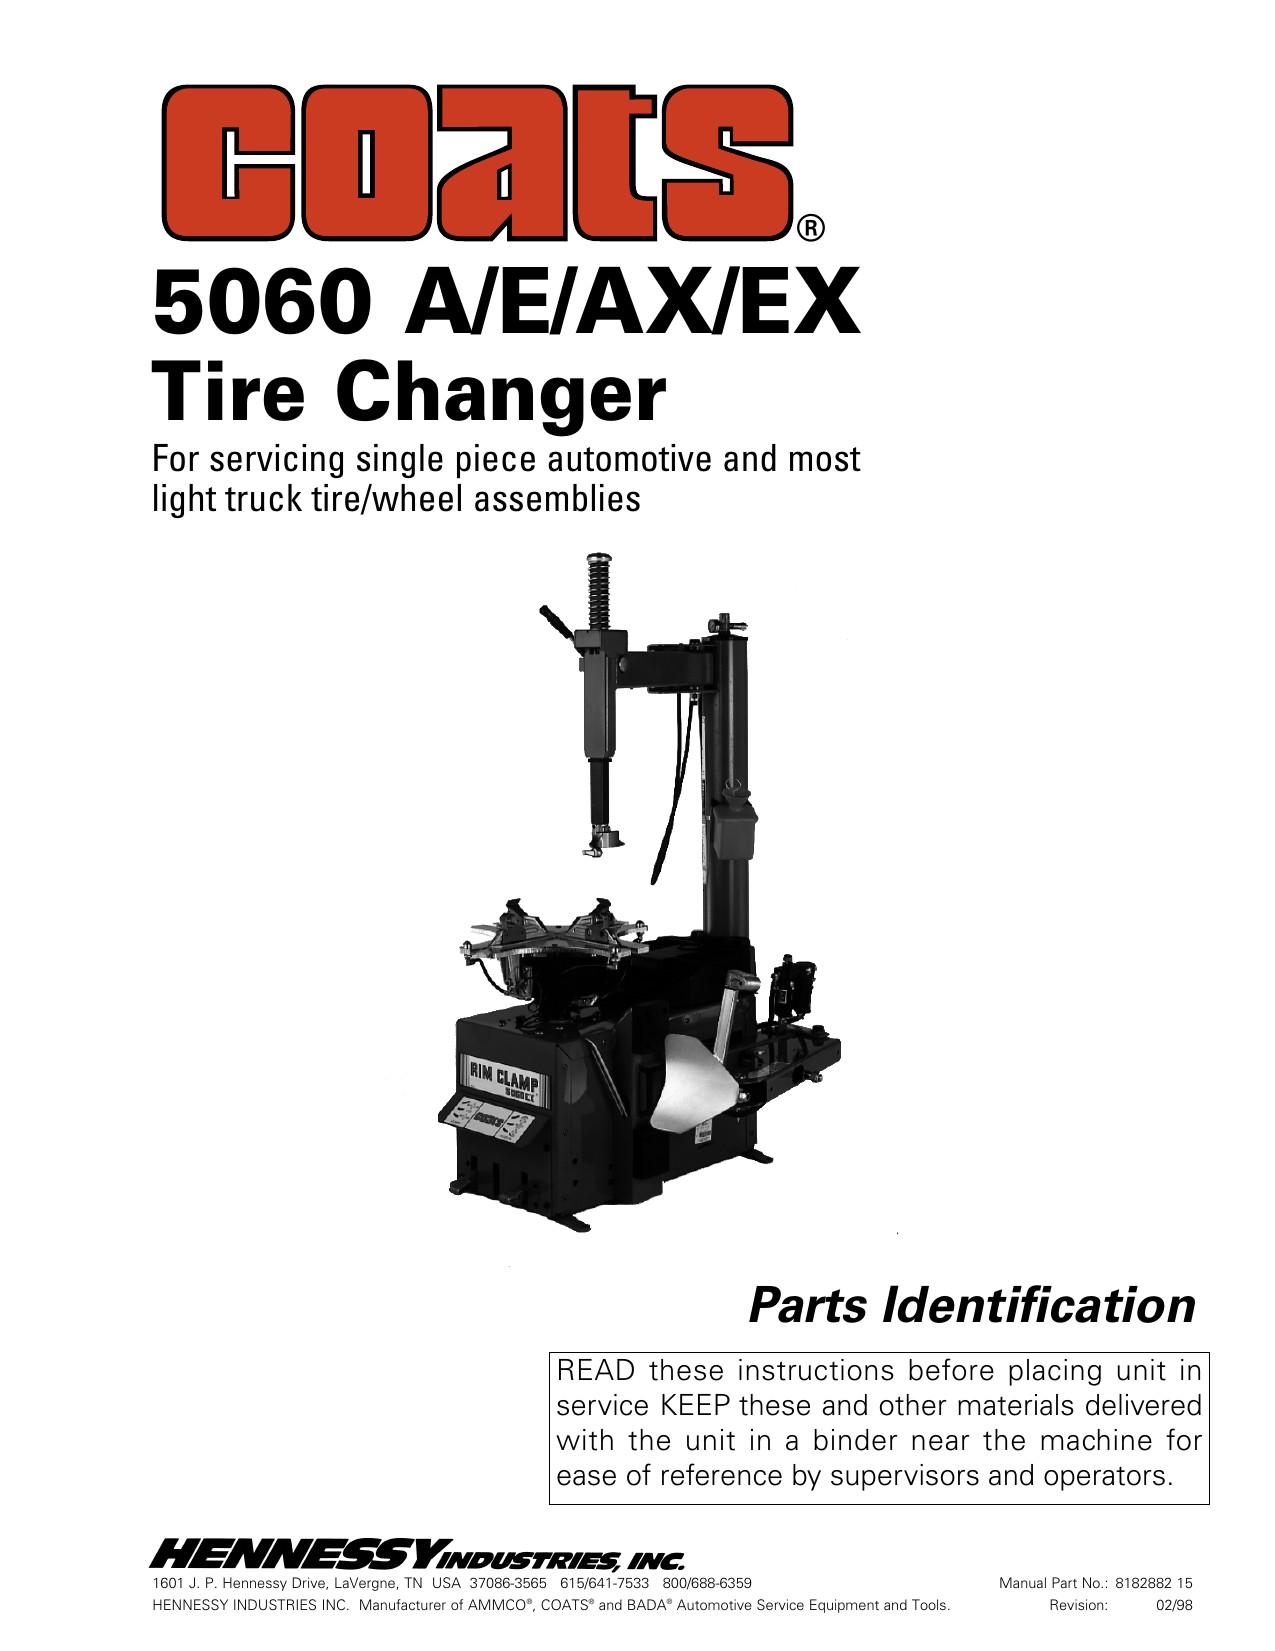 Coats Tire Machine Parts Diagram 5060 A E Ax Ex Tire Changer Of Coats Tire Machine Parts Diagram